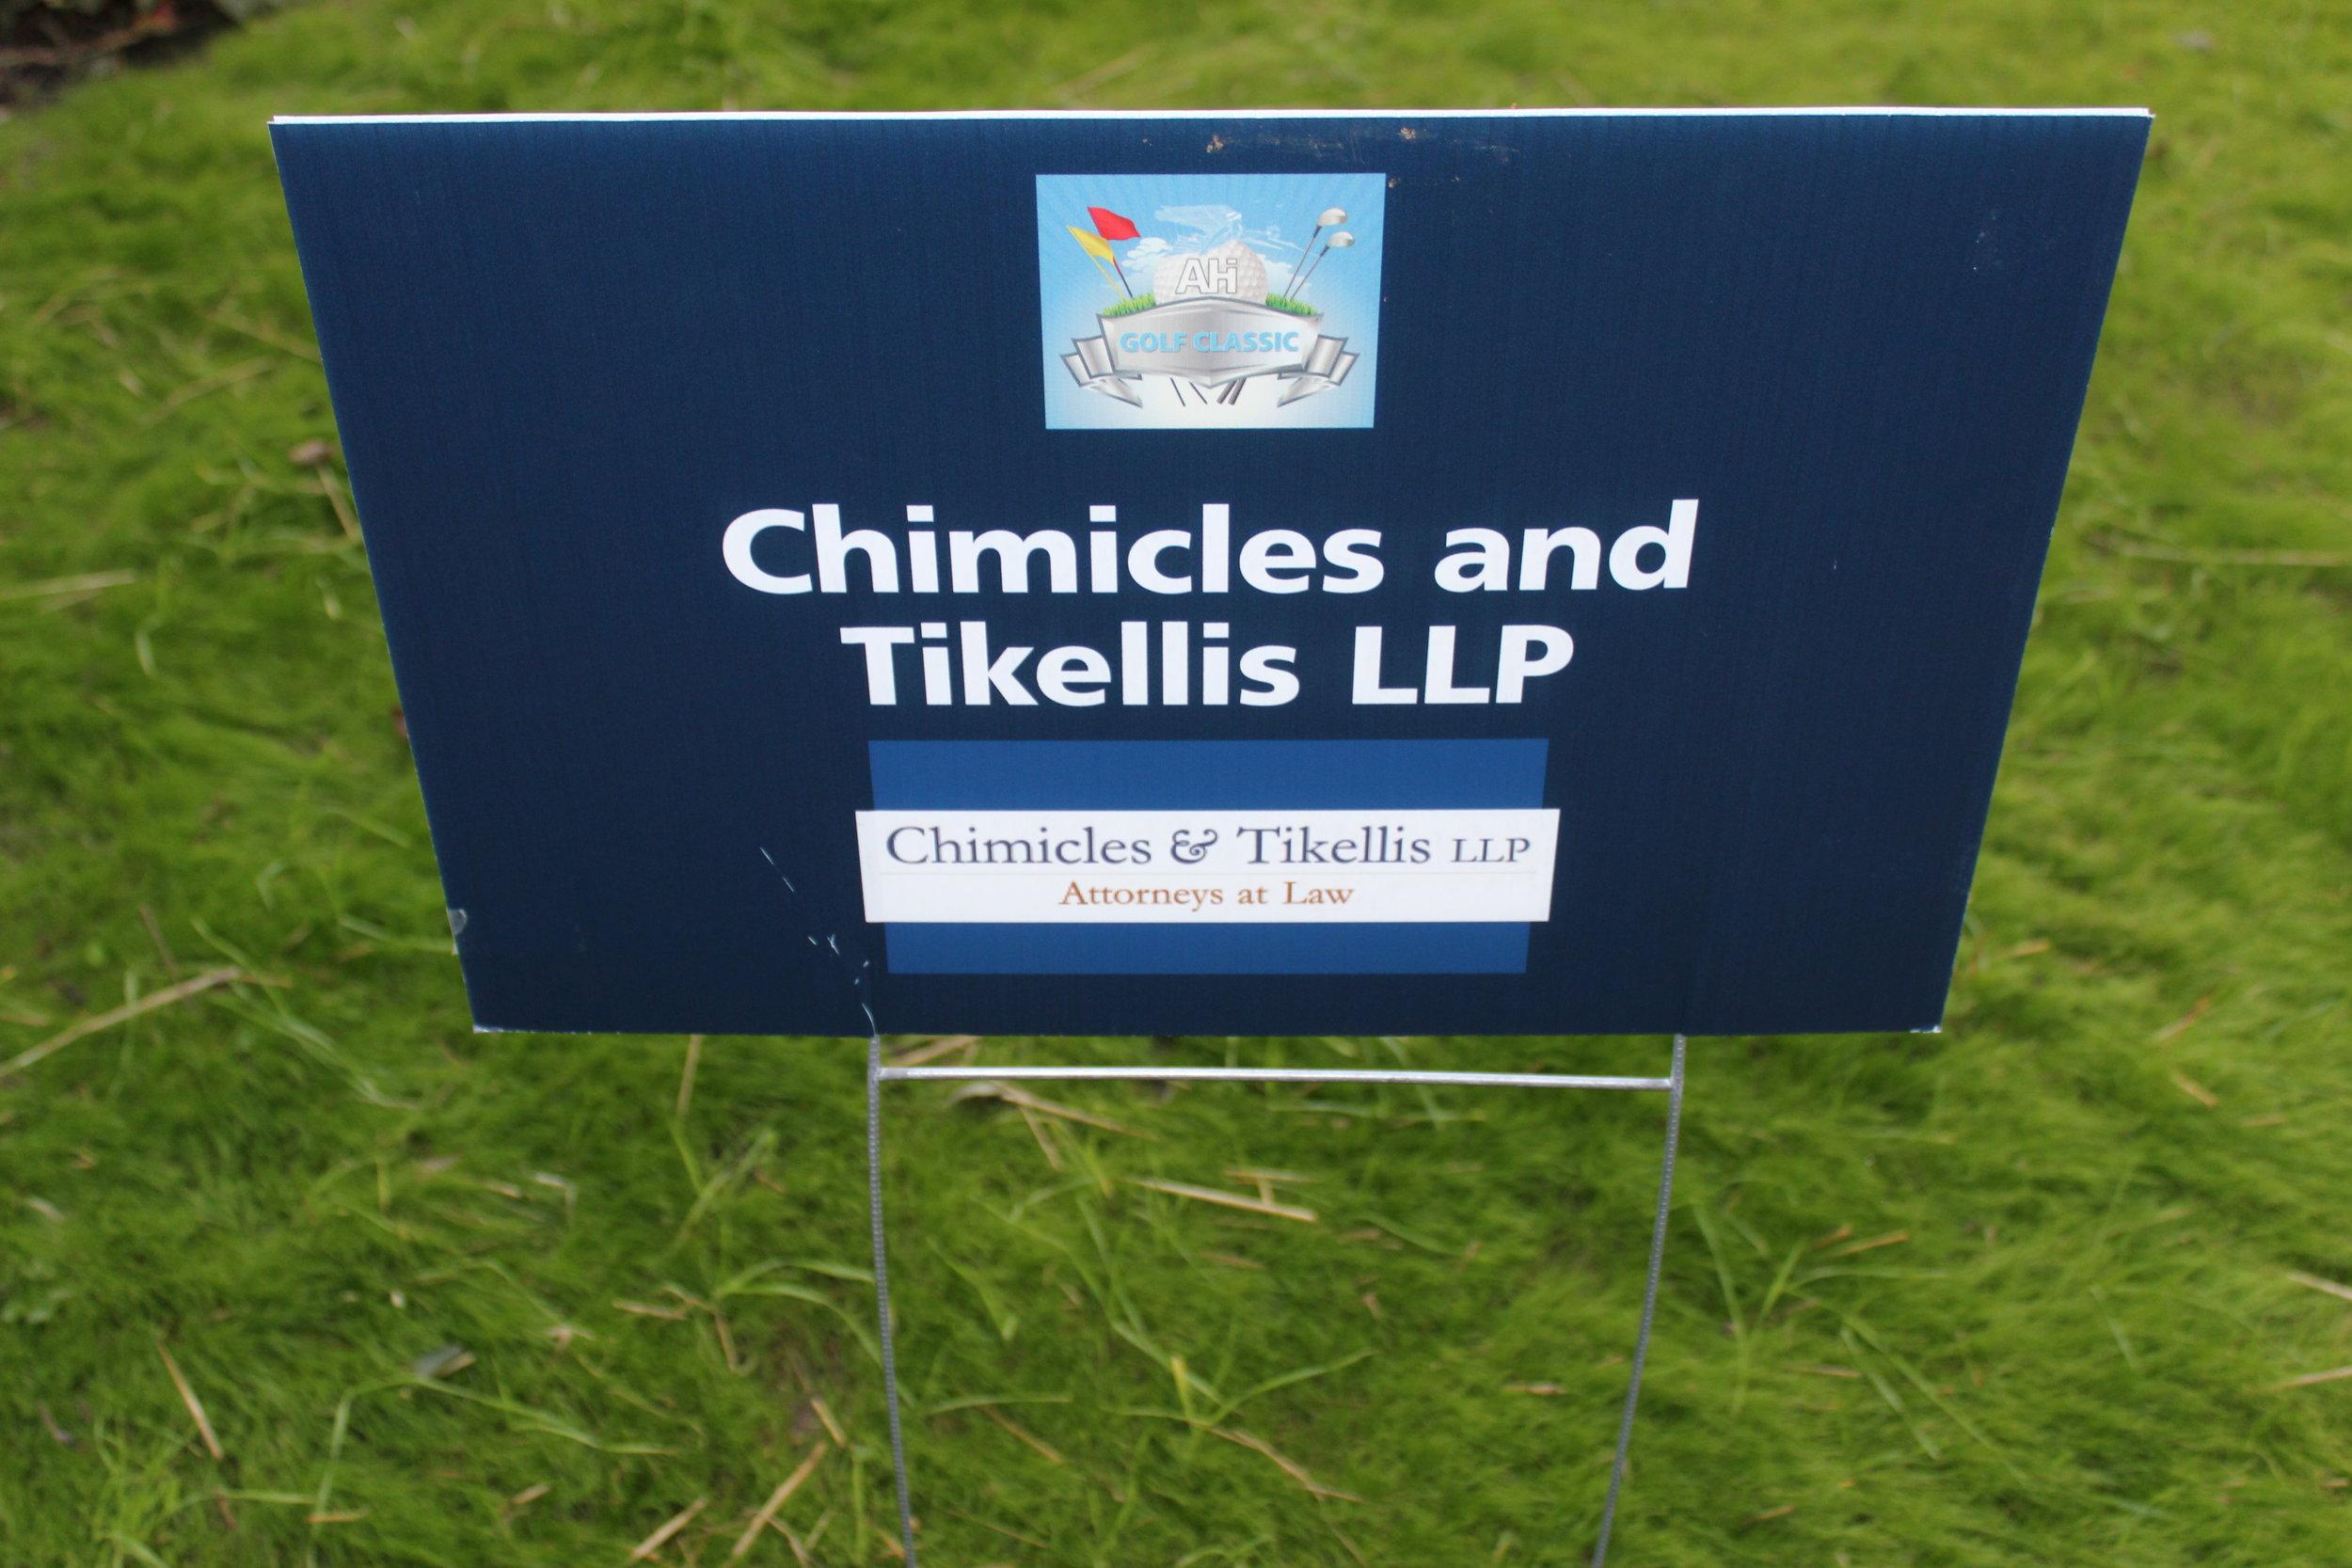 Chimicles & Tikellis LLP, Golf Cart Sponsor.